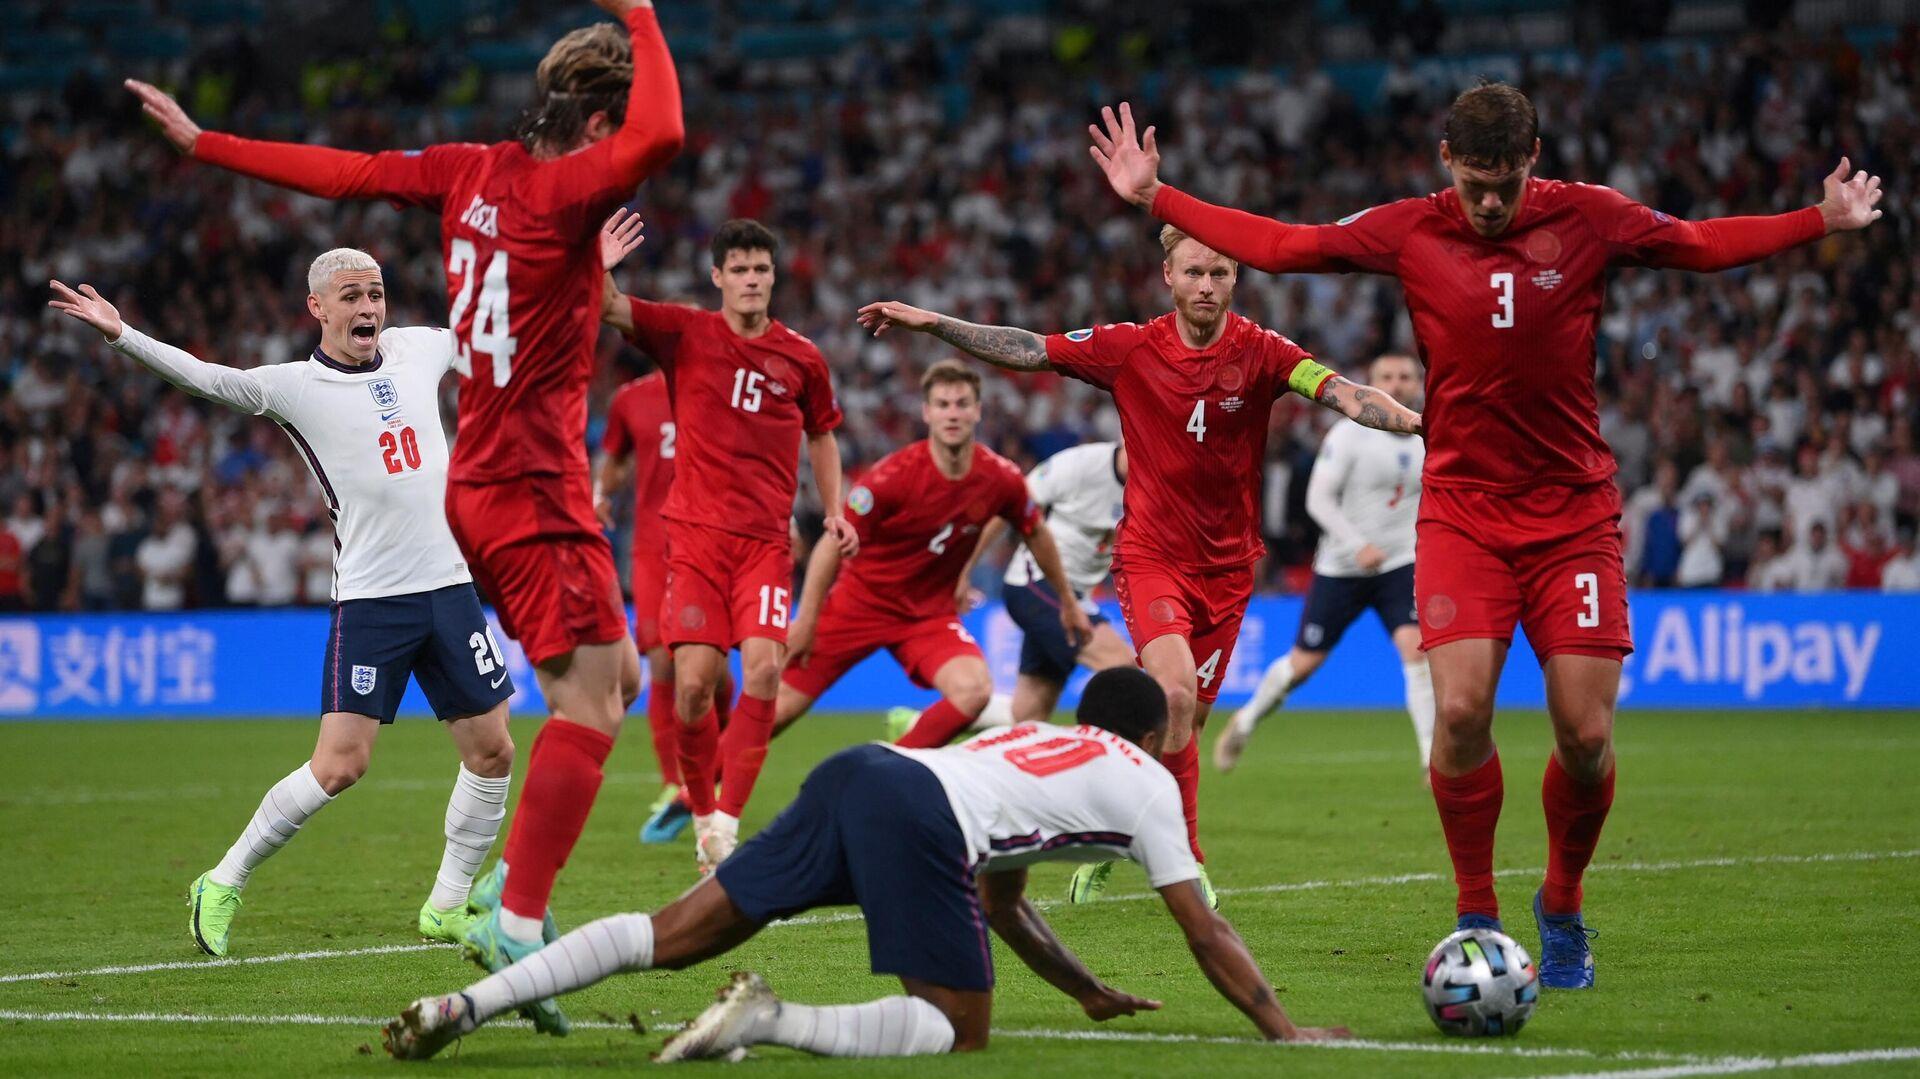 Игровой момент матча Англия - Дания - РИА Новости, 1920, 08.07.2021